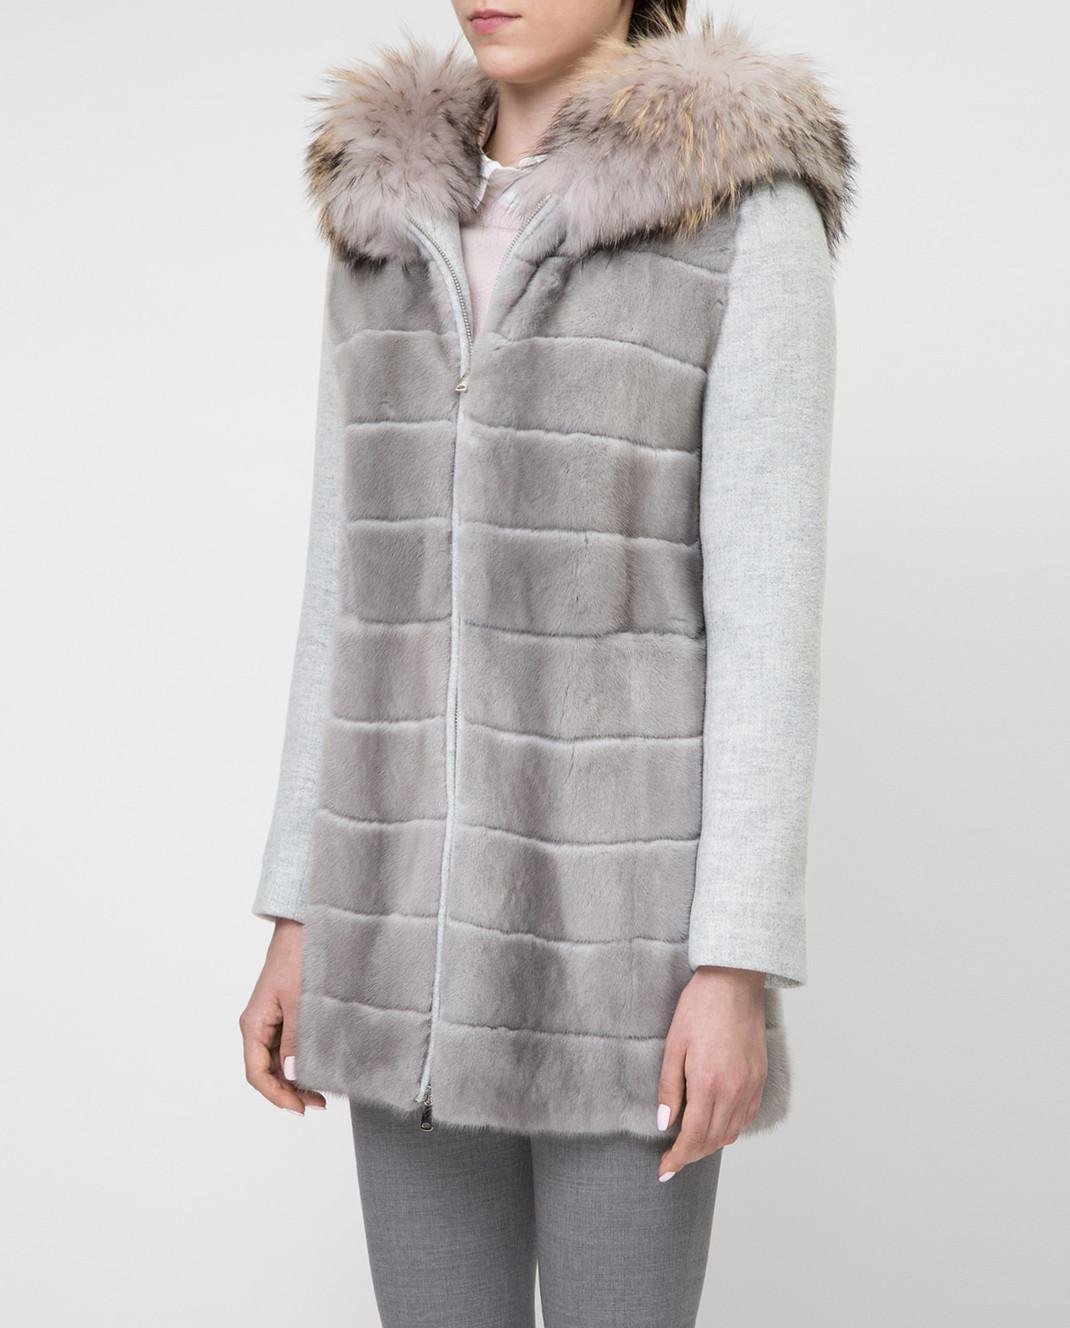 Real Furs House Серое пальто с мехом енота 922RFH изображение 3